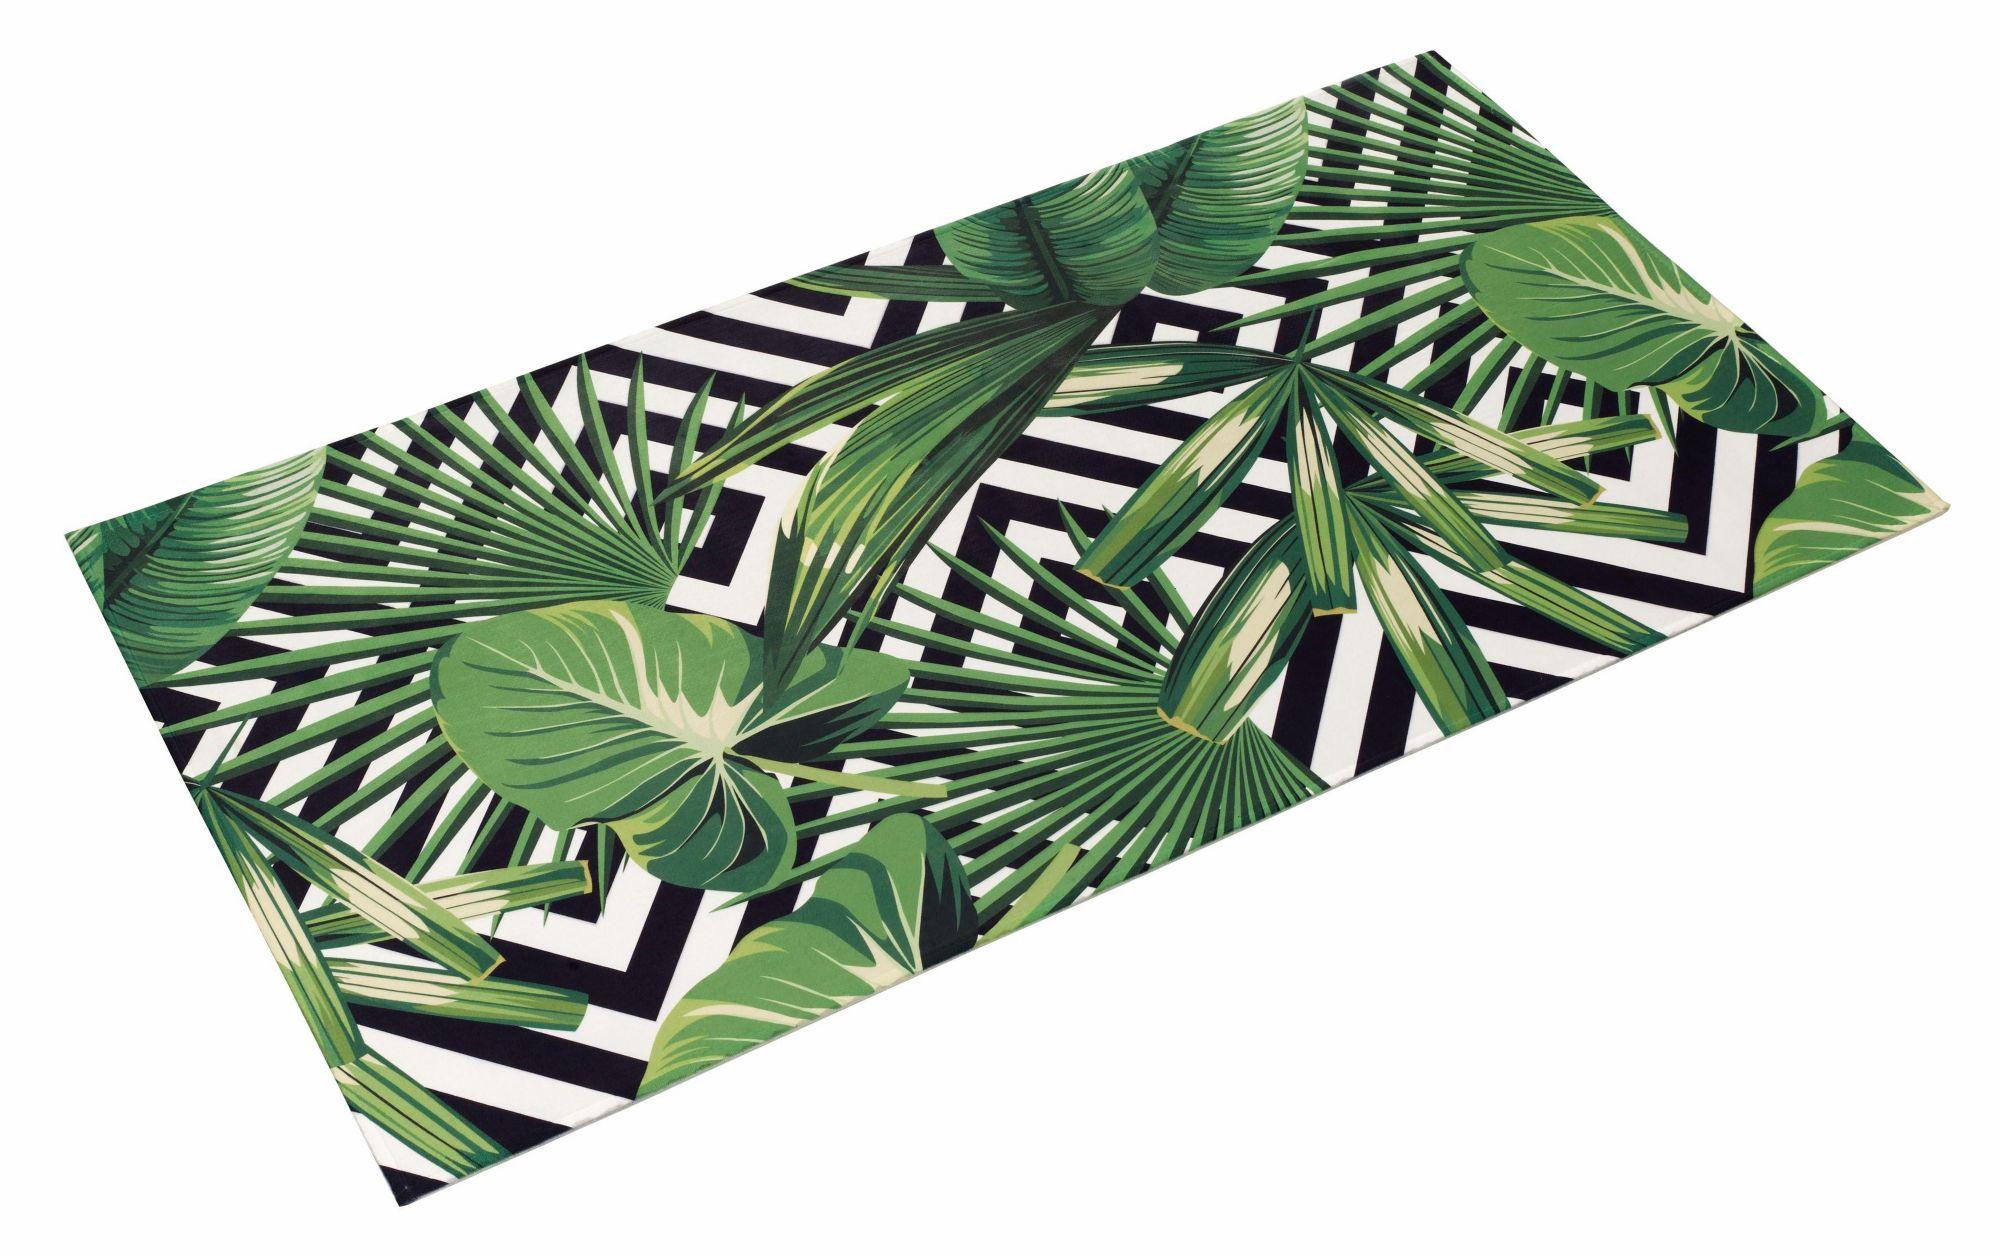 BÖING CARPET Kinderteppich, »Lovely Kids 409«, Böing Carpet, rechteckig, Höhe 6 mm, gedruckt